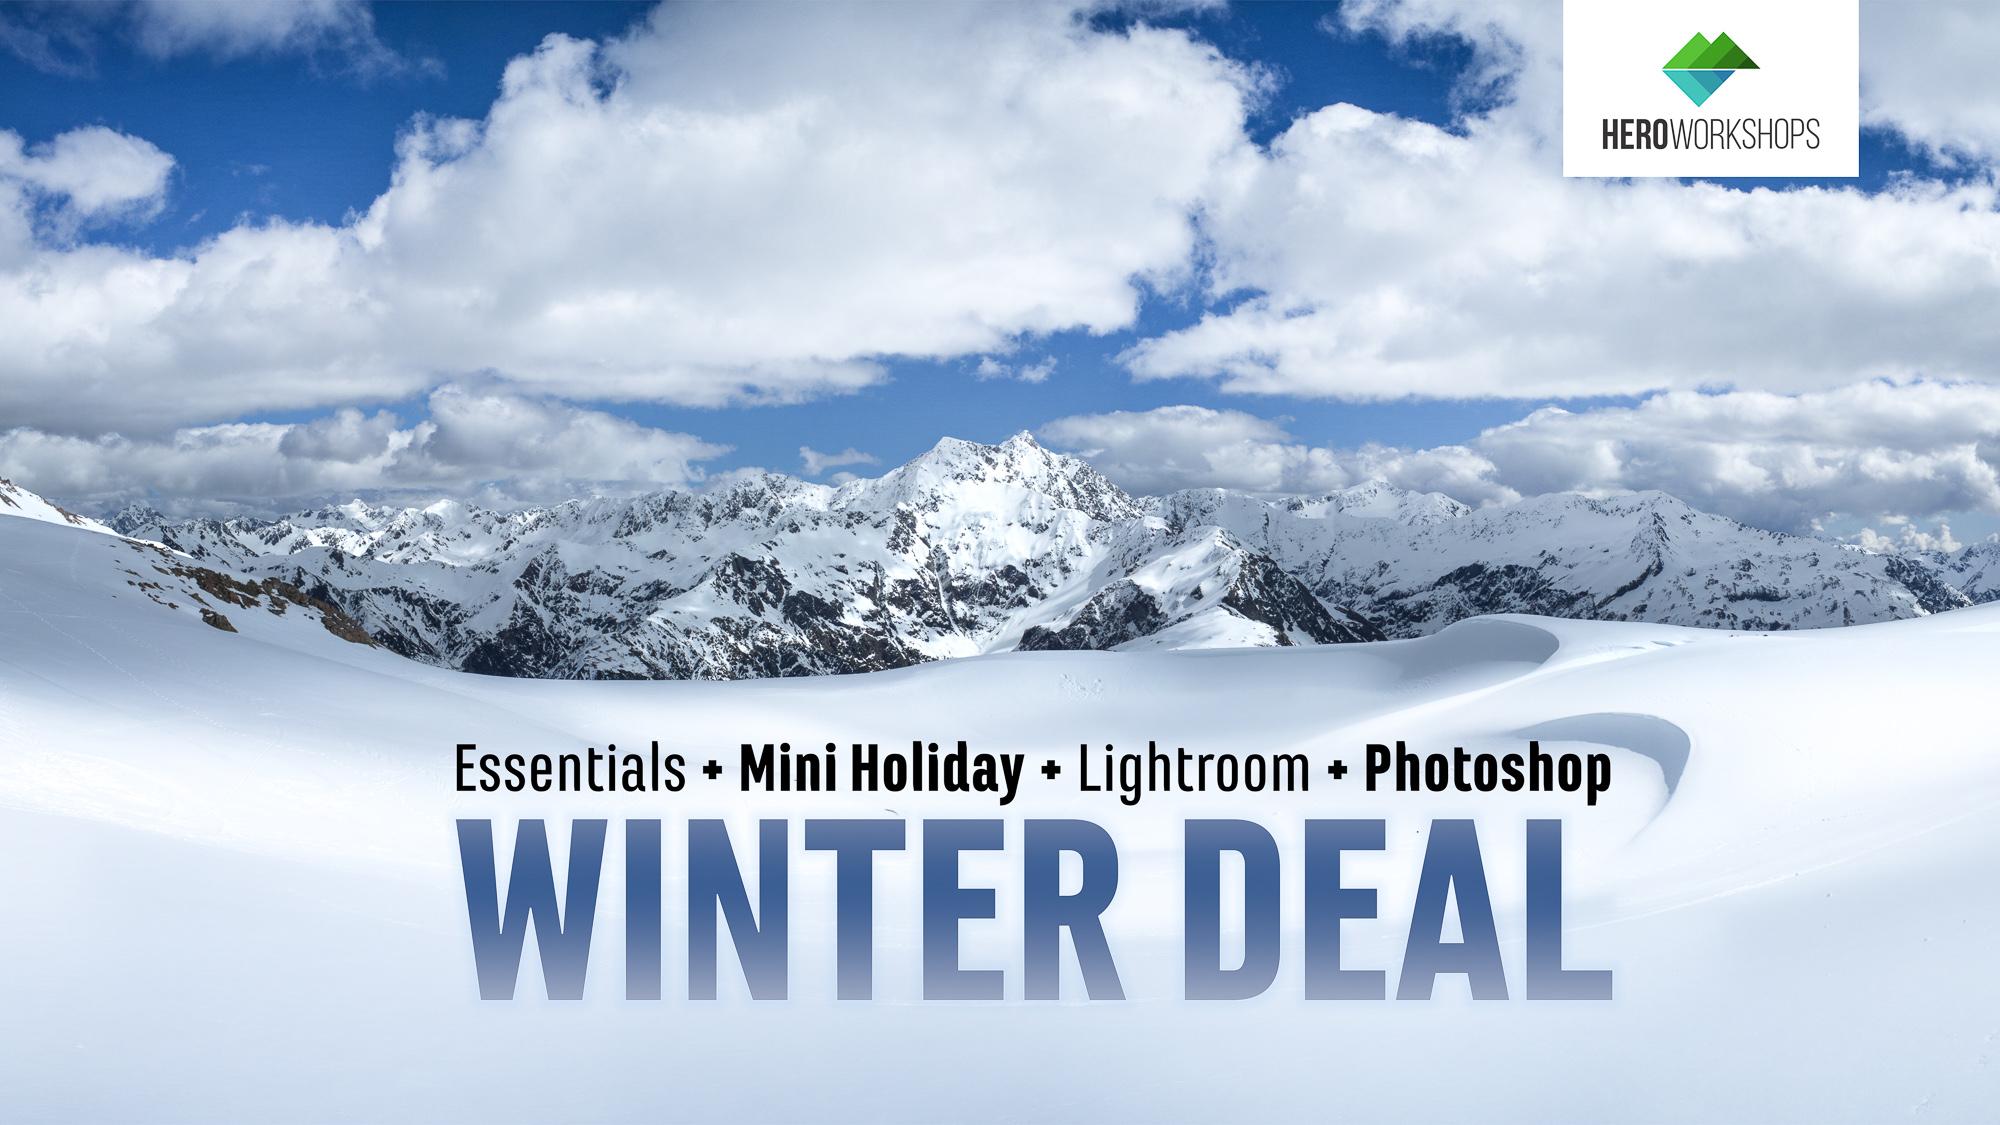 hero-workshops-winter-deal02.jpg